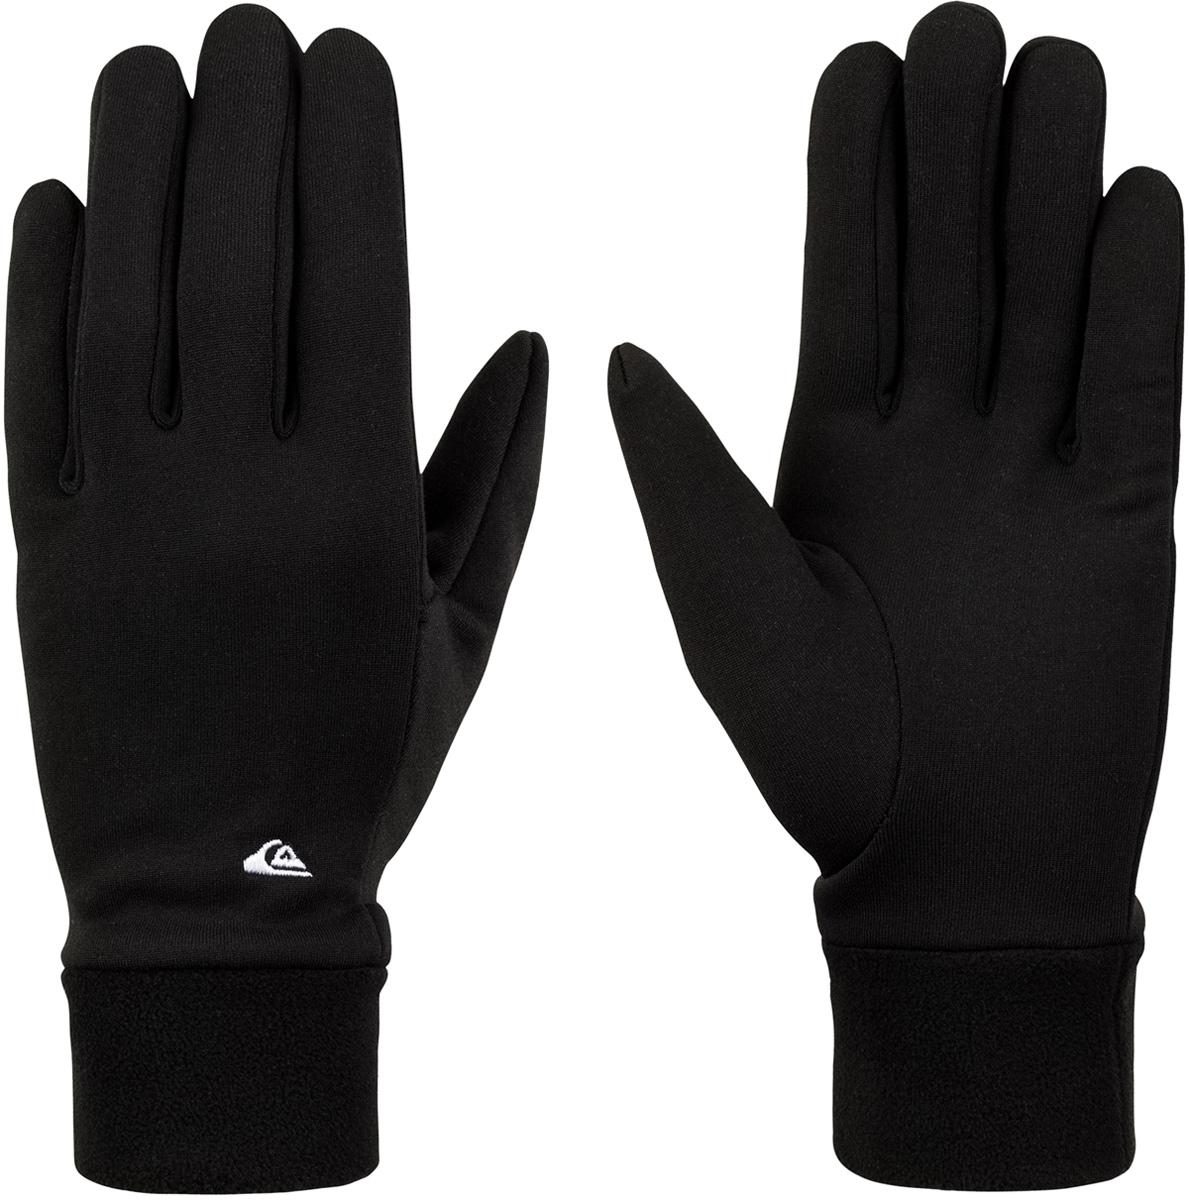 Перчатки мужские Quiksilver, цвет: черный. EQYHN03102-KVJ0. Размер M (8)EQYHN03102-KVJ0Мужские перчатки Quiksilver выполнены из полиэстера. Перчатки станут великолепным дополнением вашего образа и защитят ваши руки от холода и ветра во время занятий спортом.